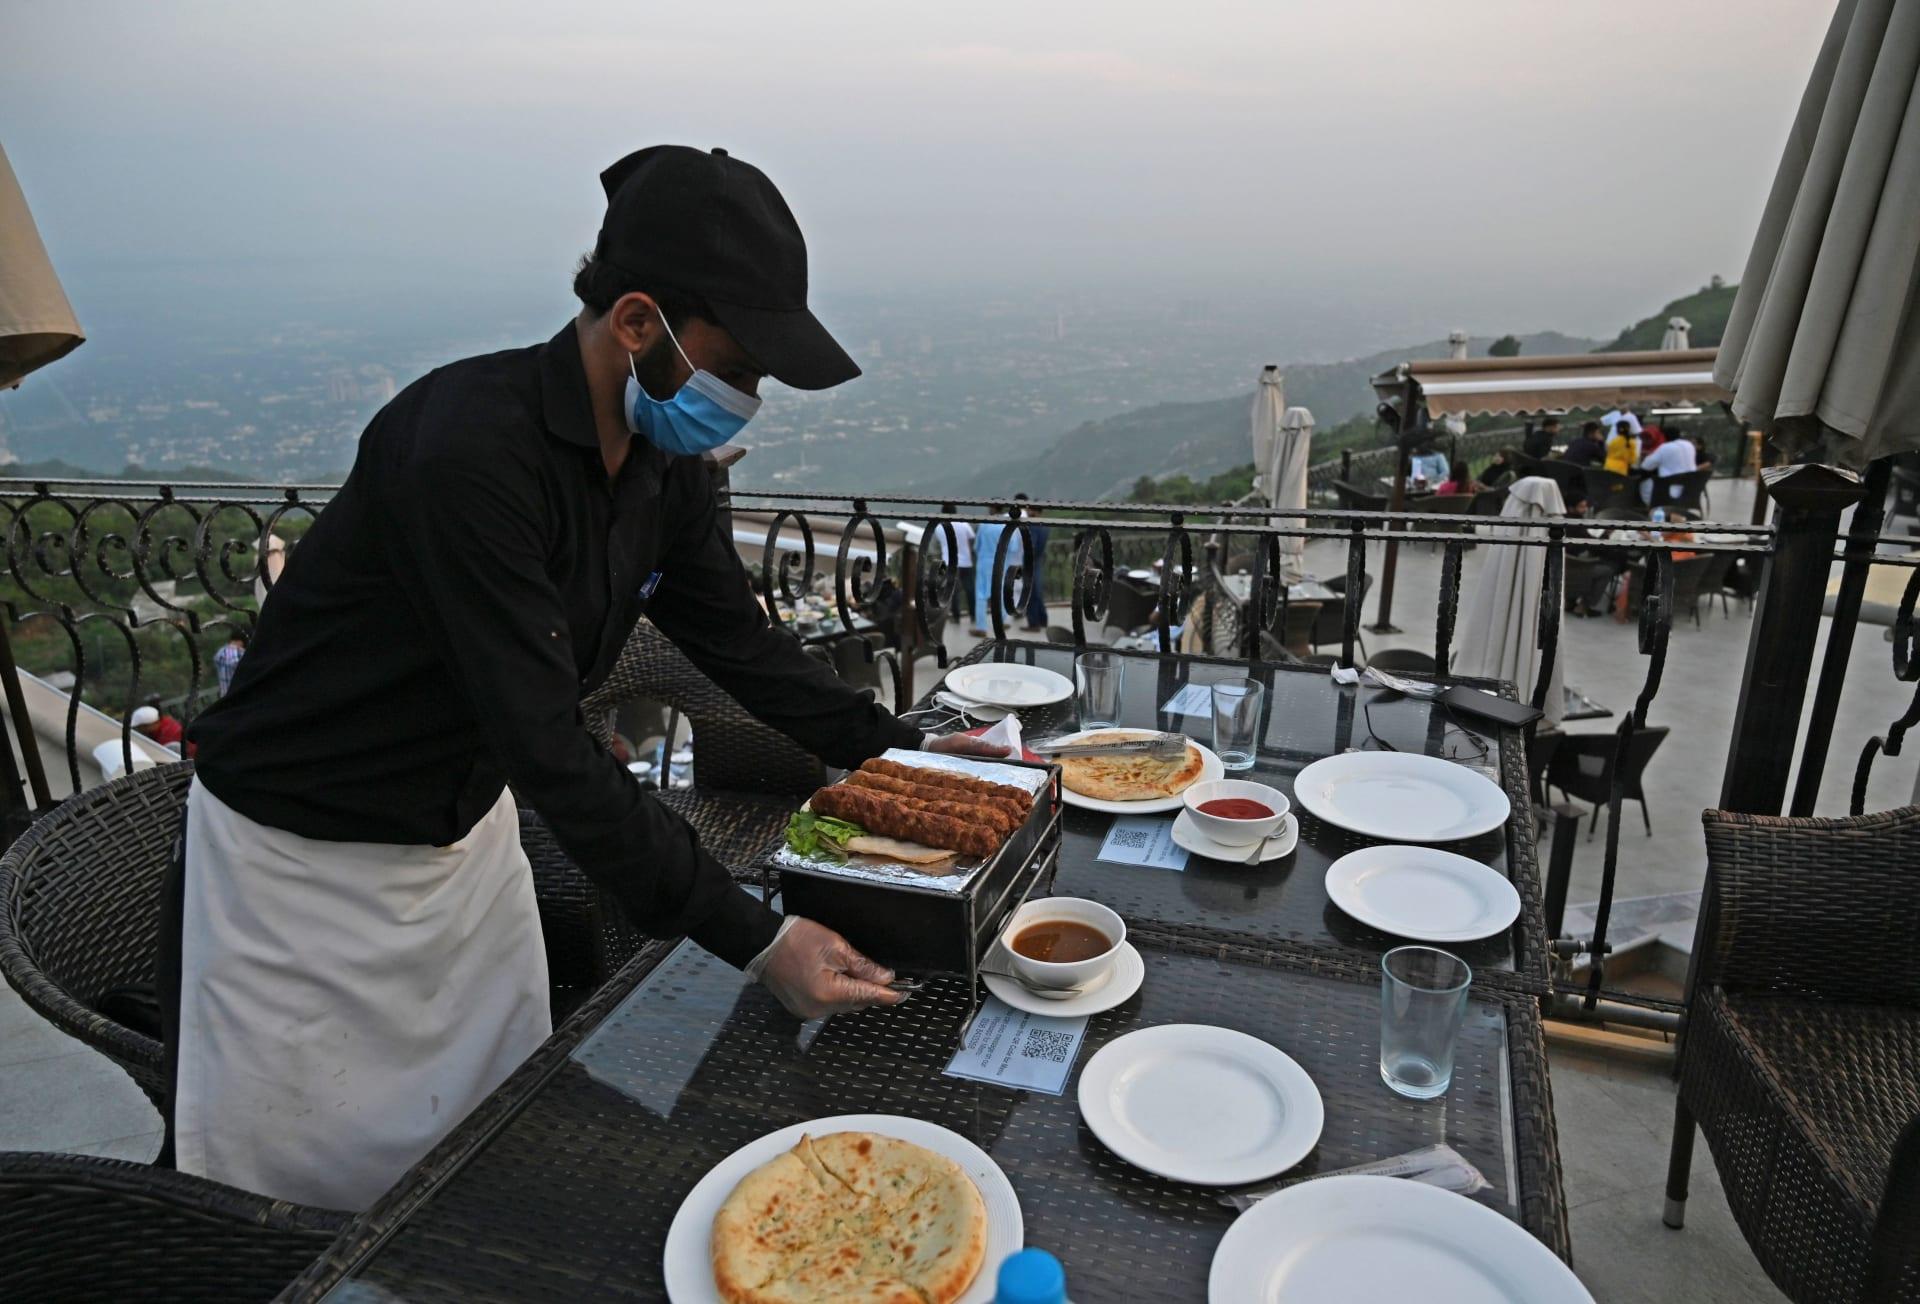 عامل باكستاني يعمل على تجهيز طاولة طعام وسط تفشي فيروس كورونا